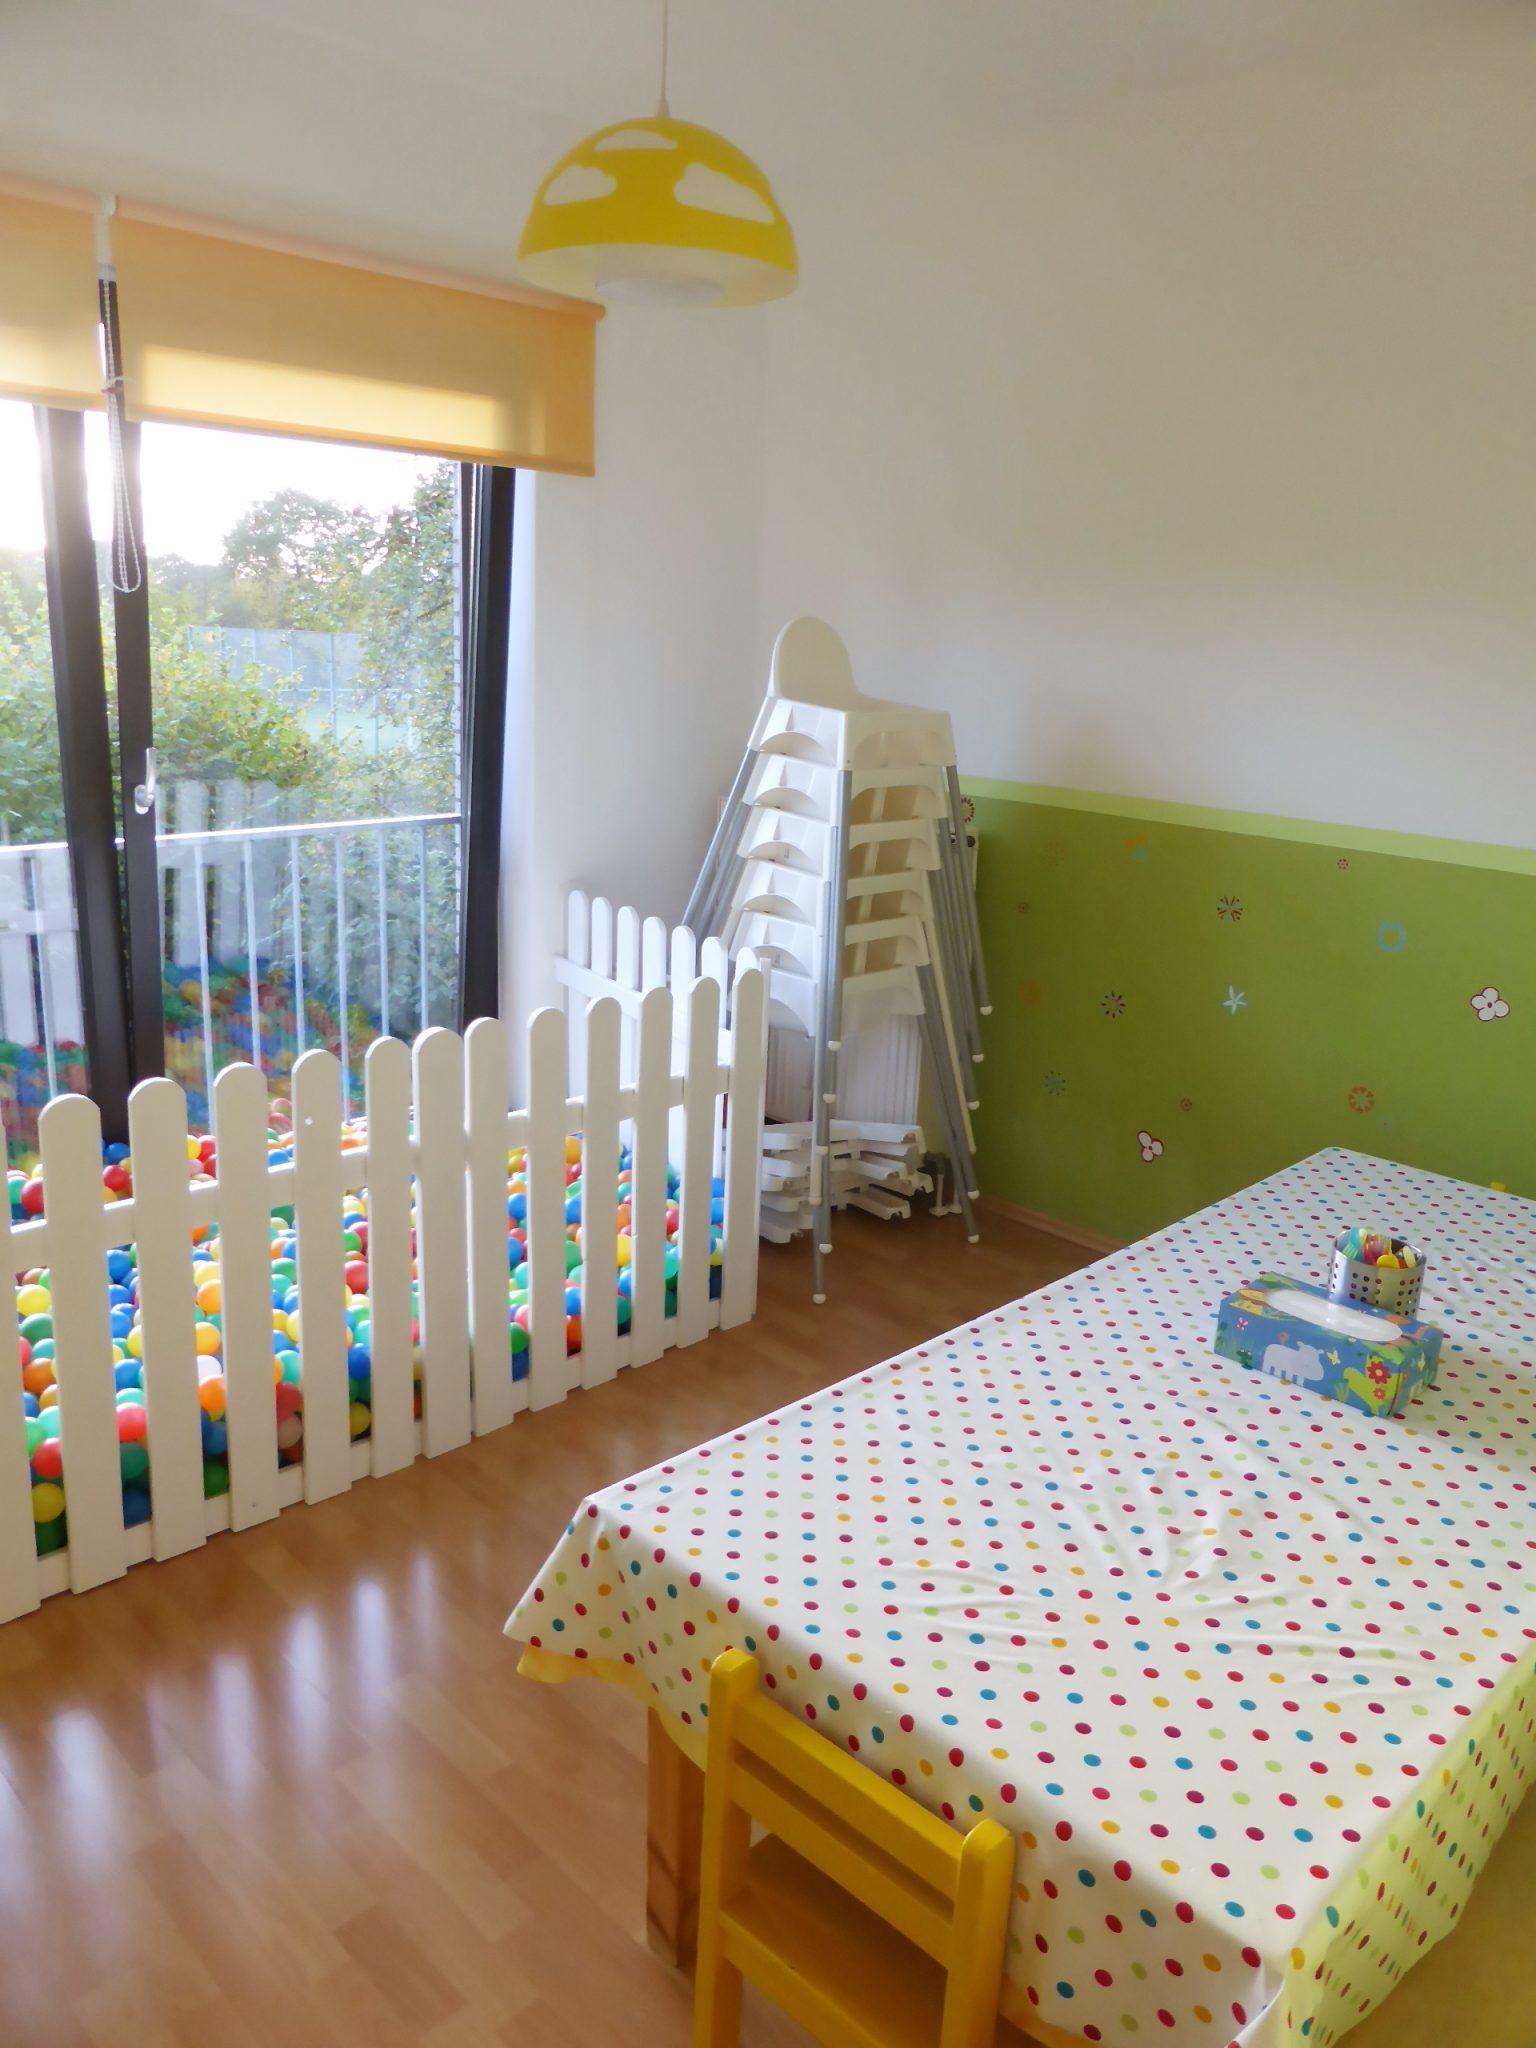 Esszimmer 1 Kita Kid Zone Kinderbetreuung  - Esszimmer und Bällebad